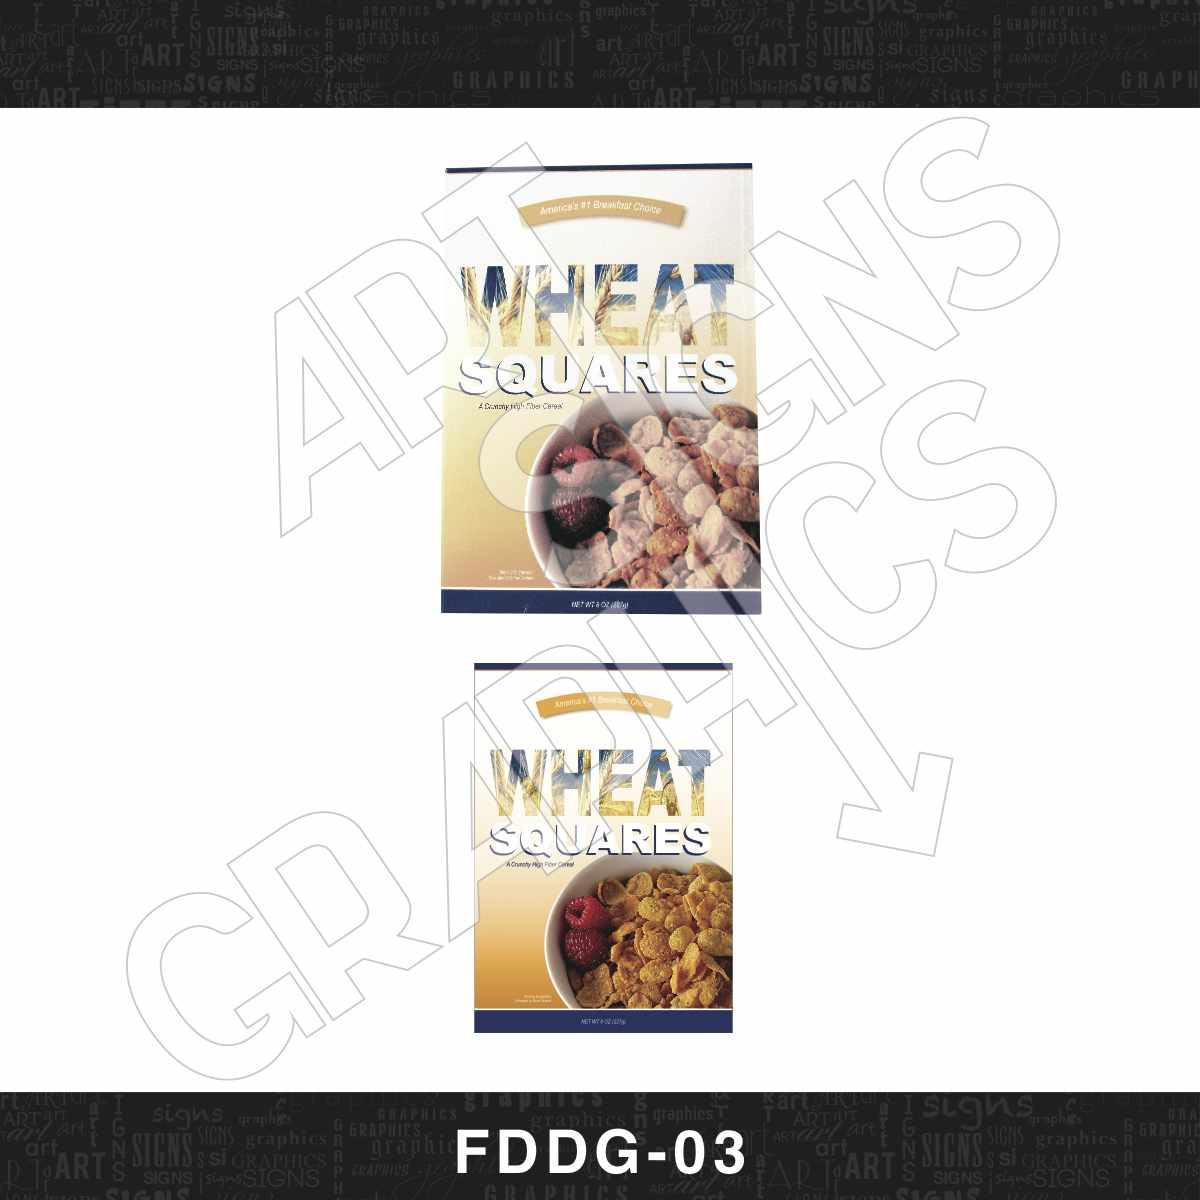 FDDG-03.jpg